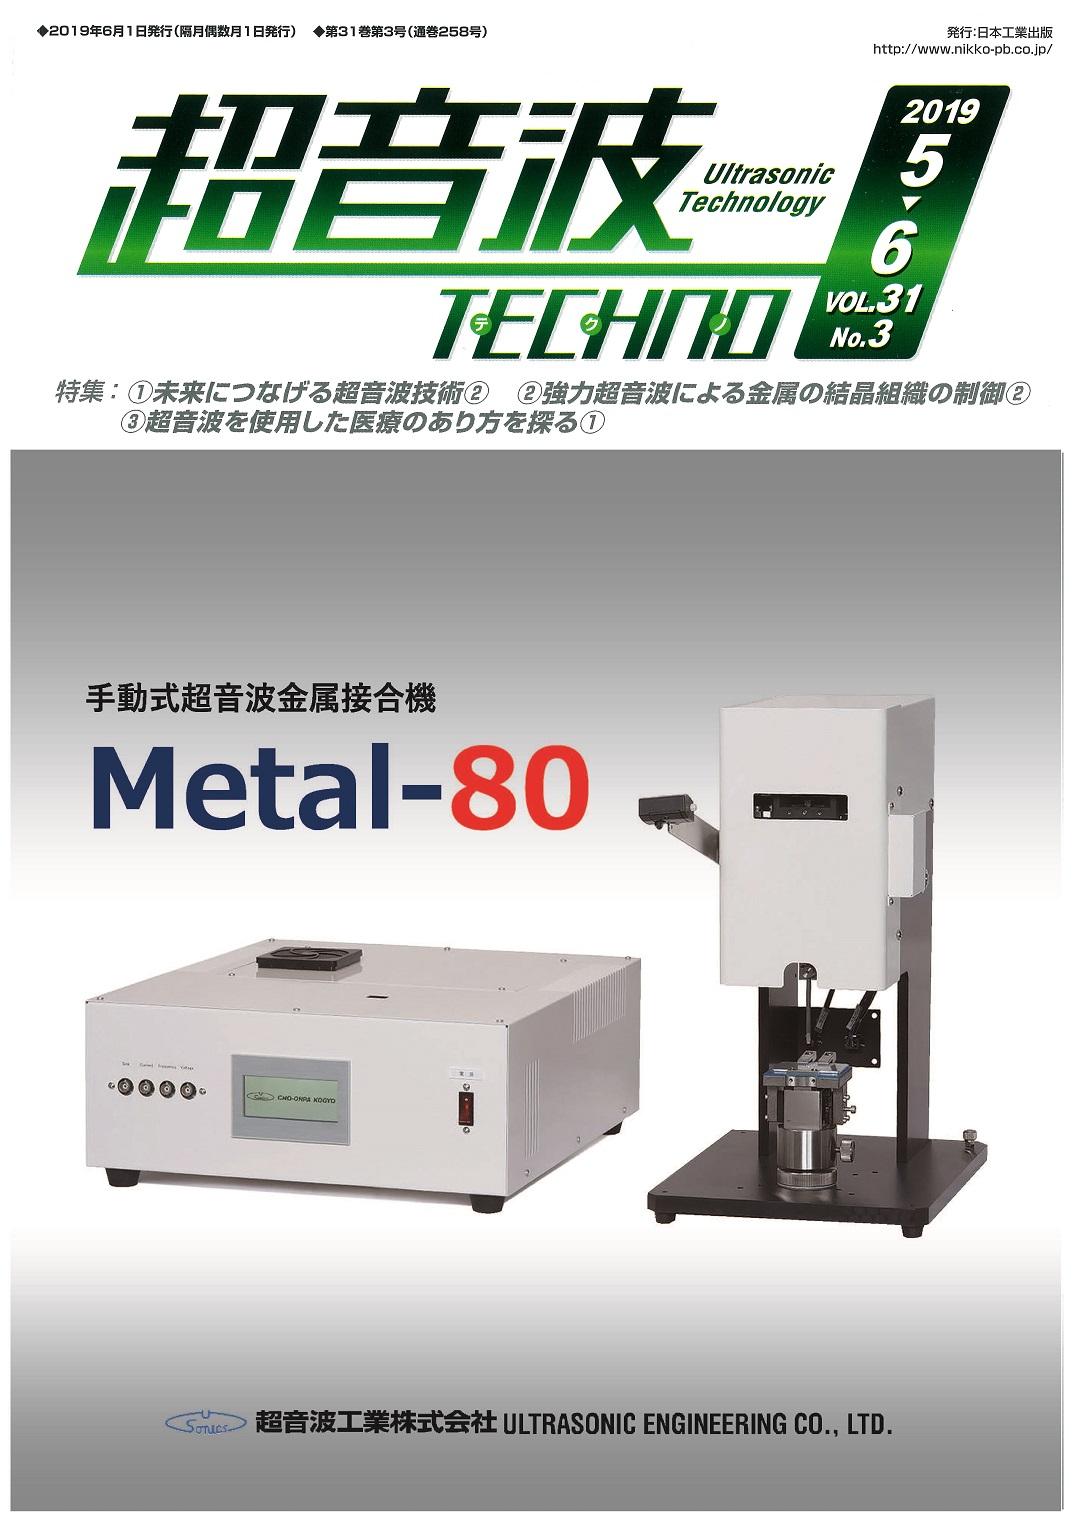 超音波TECHNOの表紙に手動式超音波金属接合機 Metal-80が掲載されました。